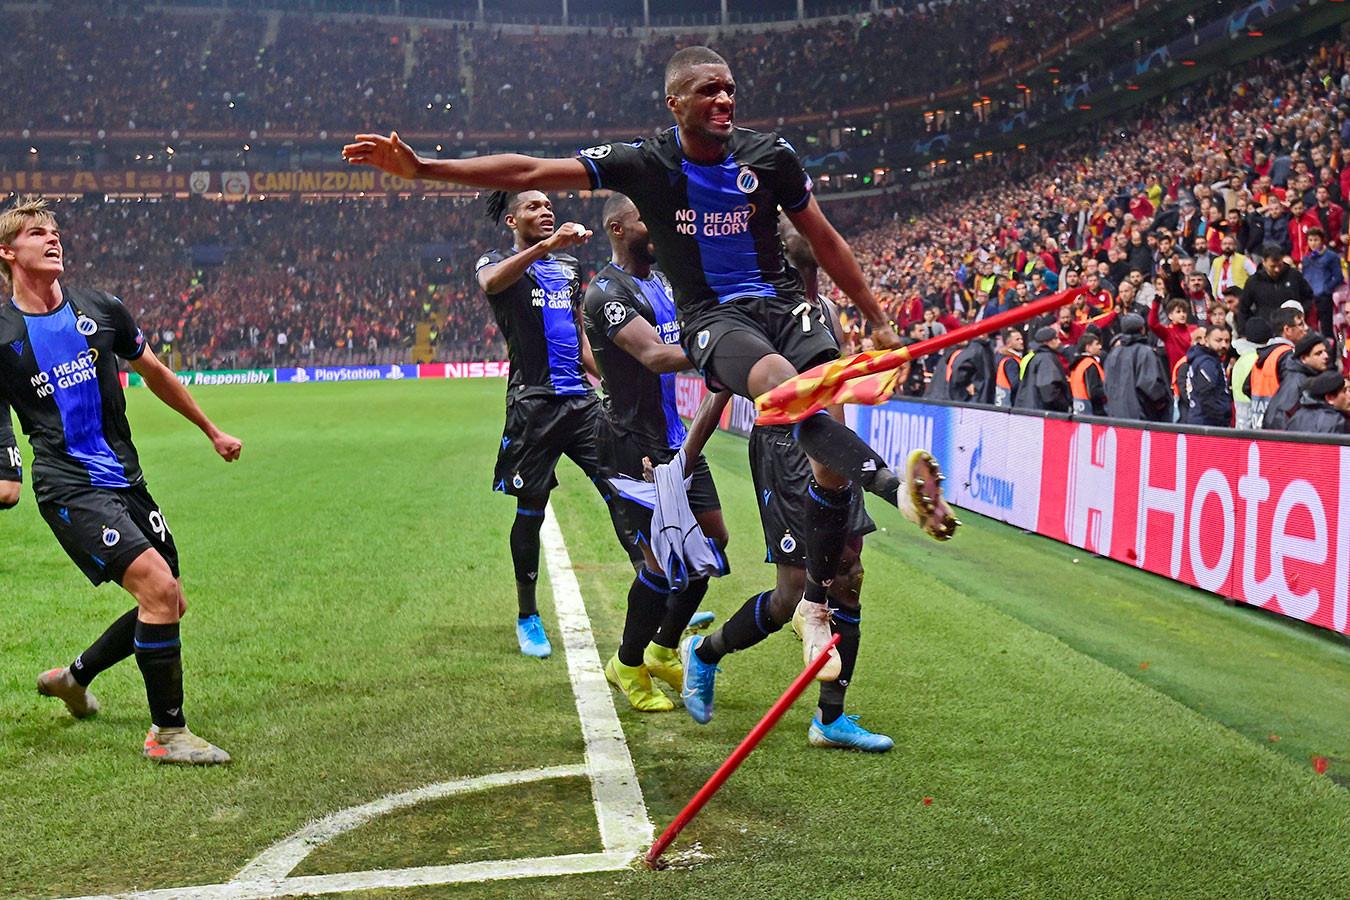 Манчестер юнайтед англия брюгге бельгия 3 1